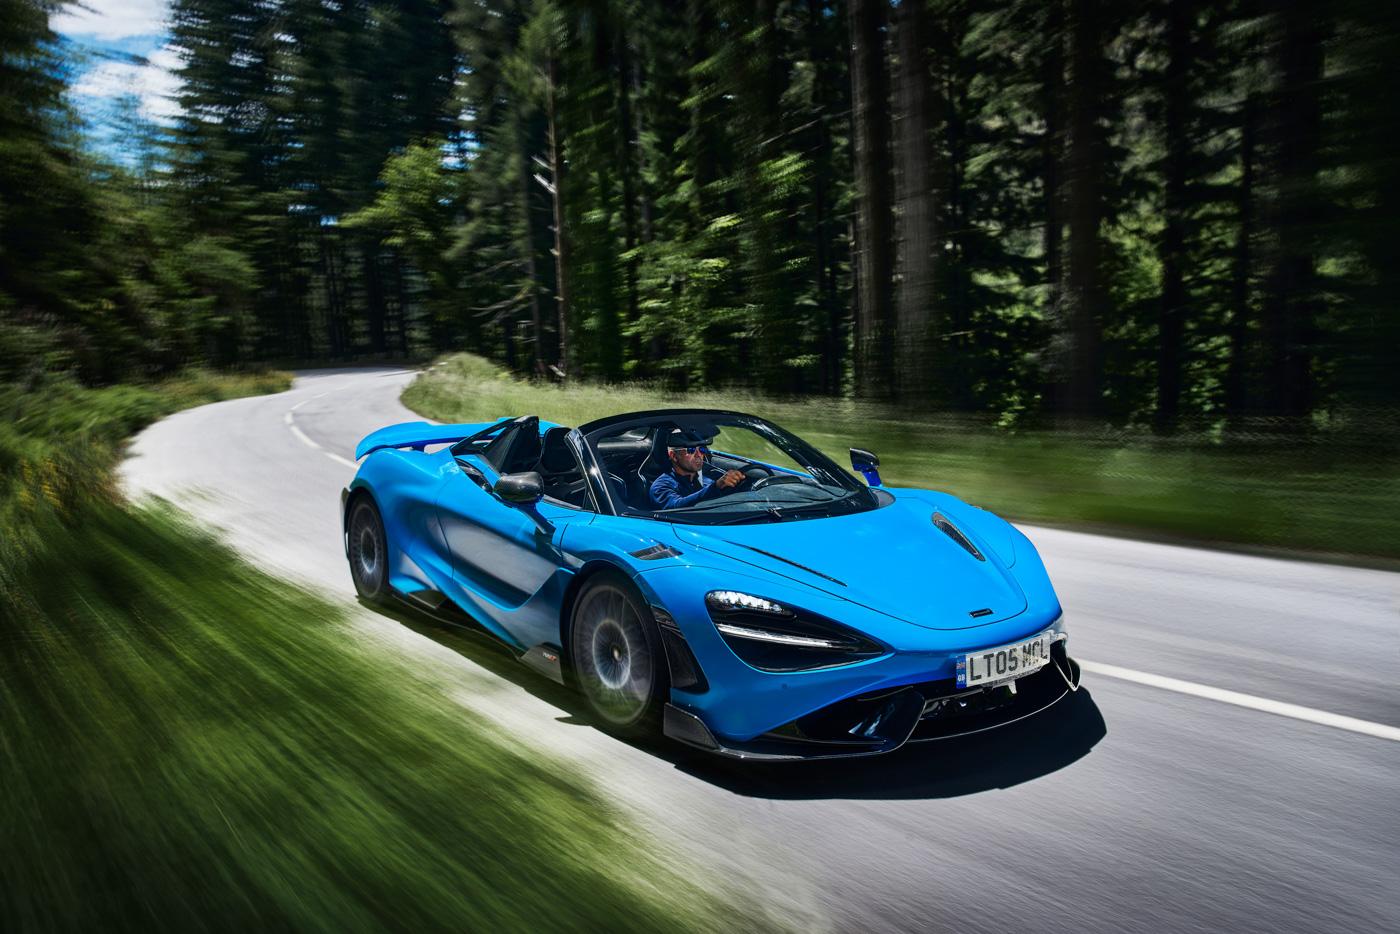 McLaren-765-LT-Spider-siêu-xe-mui-trần-hiệu-năng-cao-dẫn-đầu-phân-khúc-22.jpg